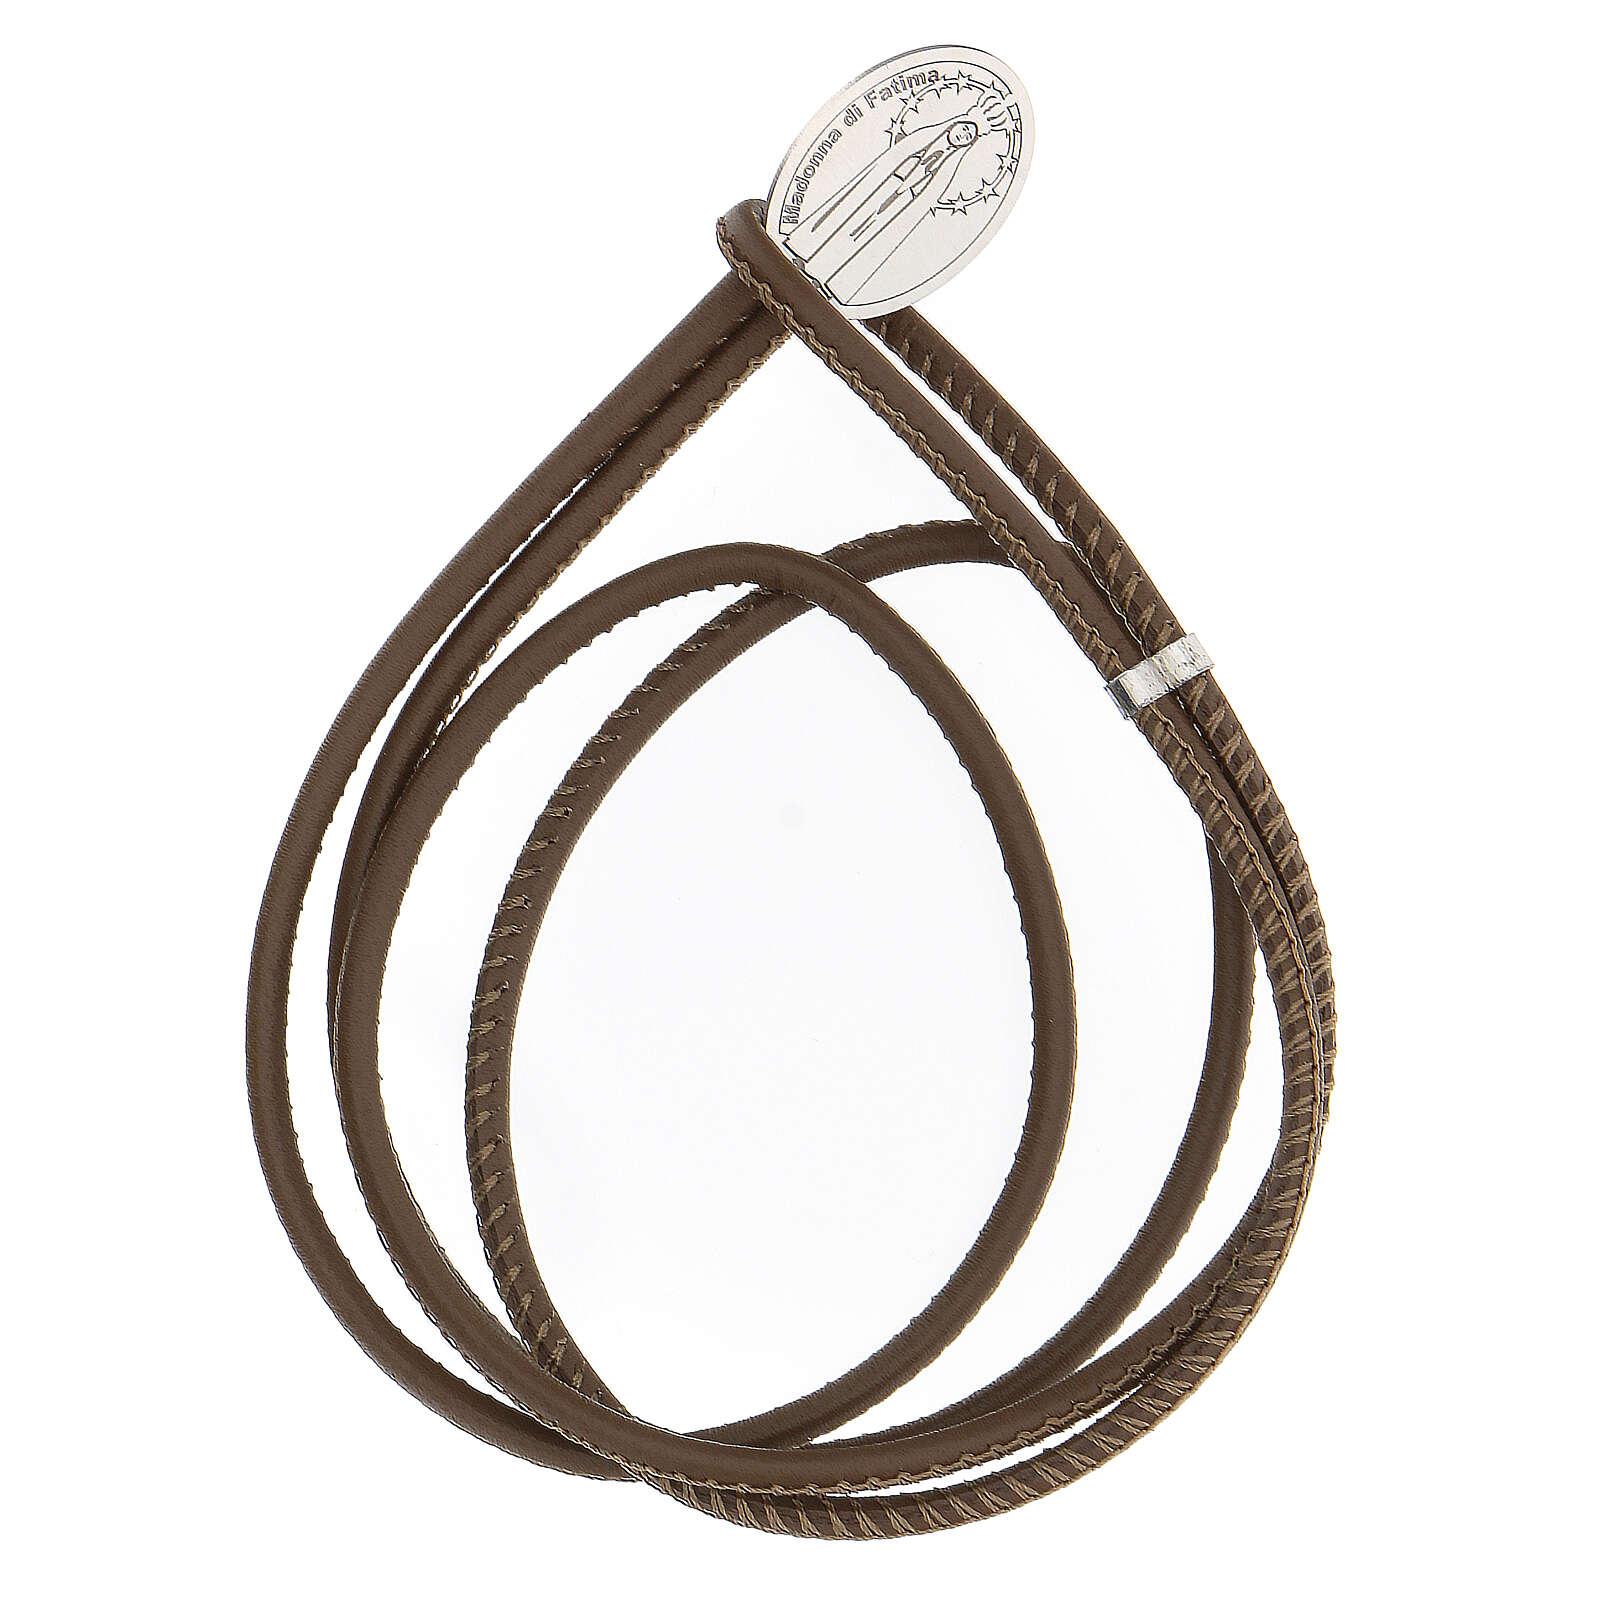 Bracelet brun foncé Notre-Dame de Lourdes argent 925 cuir synthétique 4